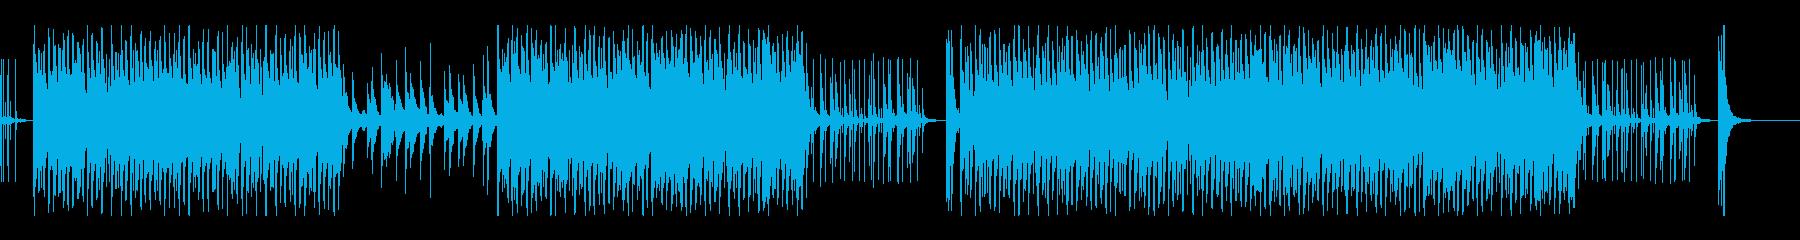 賑やかな和楽器音楽の再生済みの波形